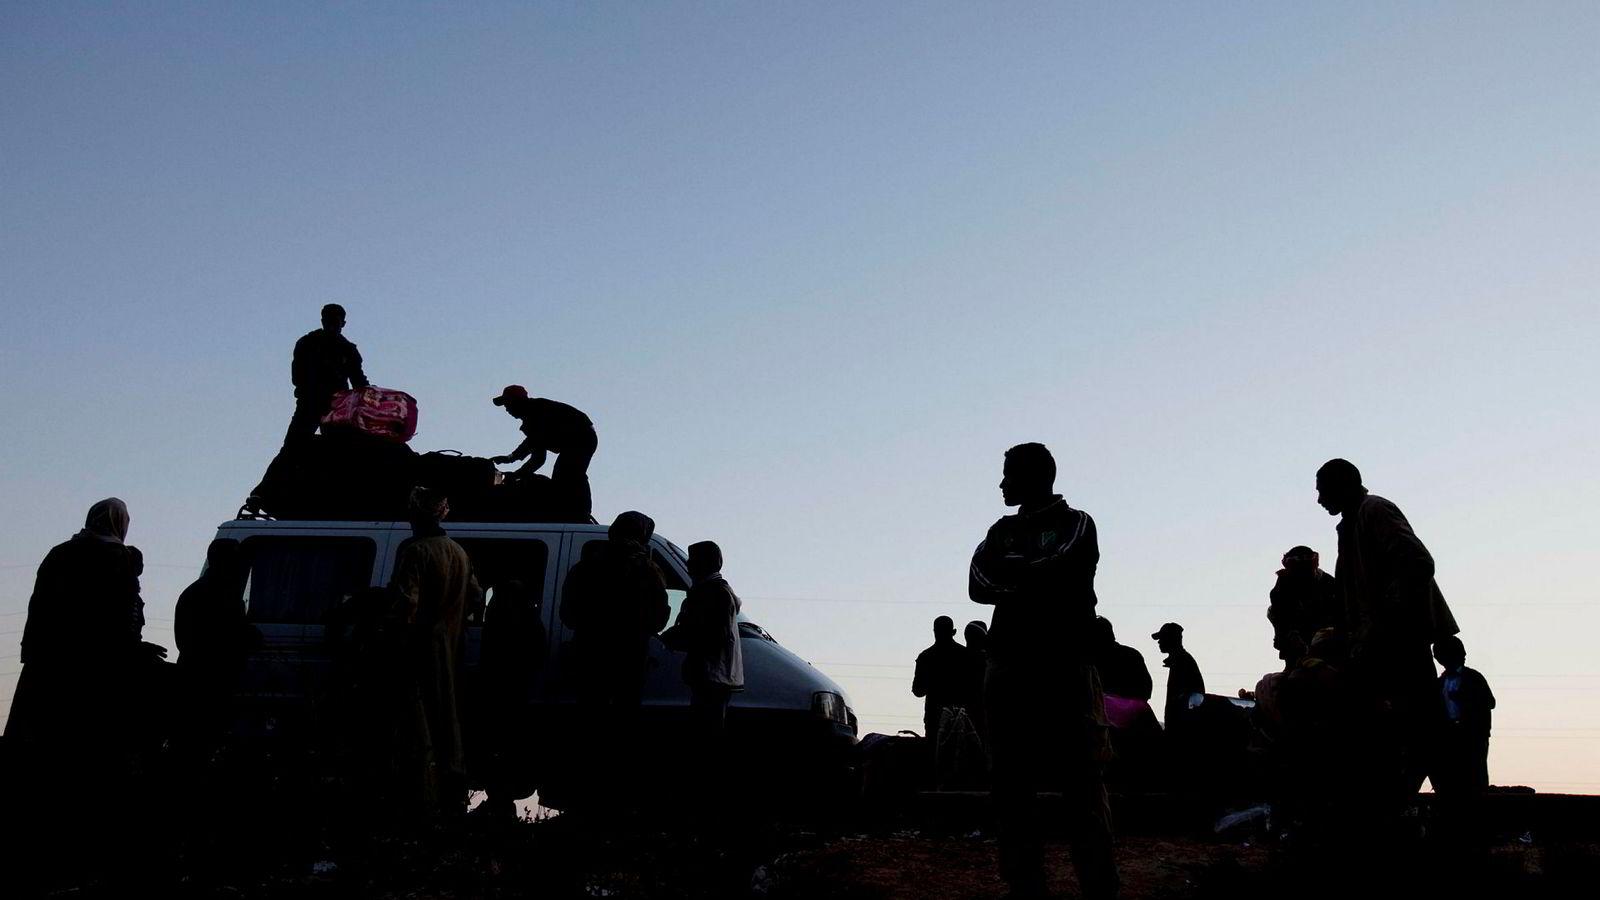 De som søker politisk asyl og får avslag, er juridisk forpliktet til å returnere. Unndrar man seg denne plikten, må man tvangsreturneres på norske skattebetaleres regning, skriver artikkelforfatteren. Her fra 2011 i Ben Guerdena, da egyptiske flyktninger lastet biler med bagasje før ferden mot Djerba.